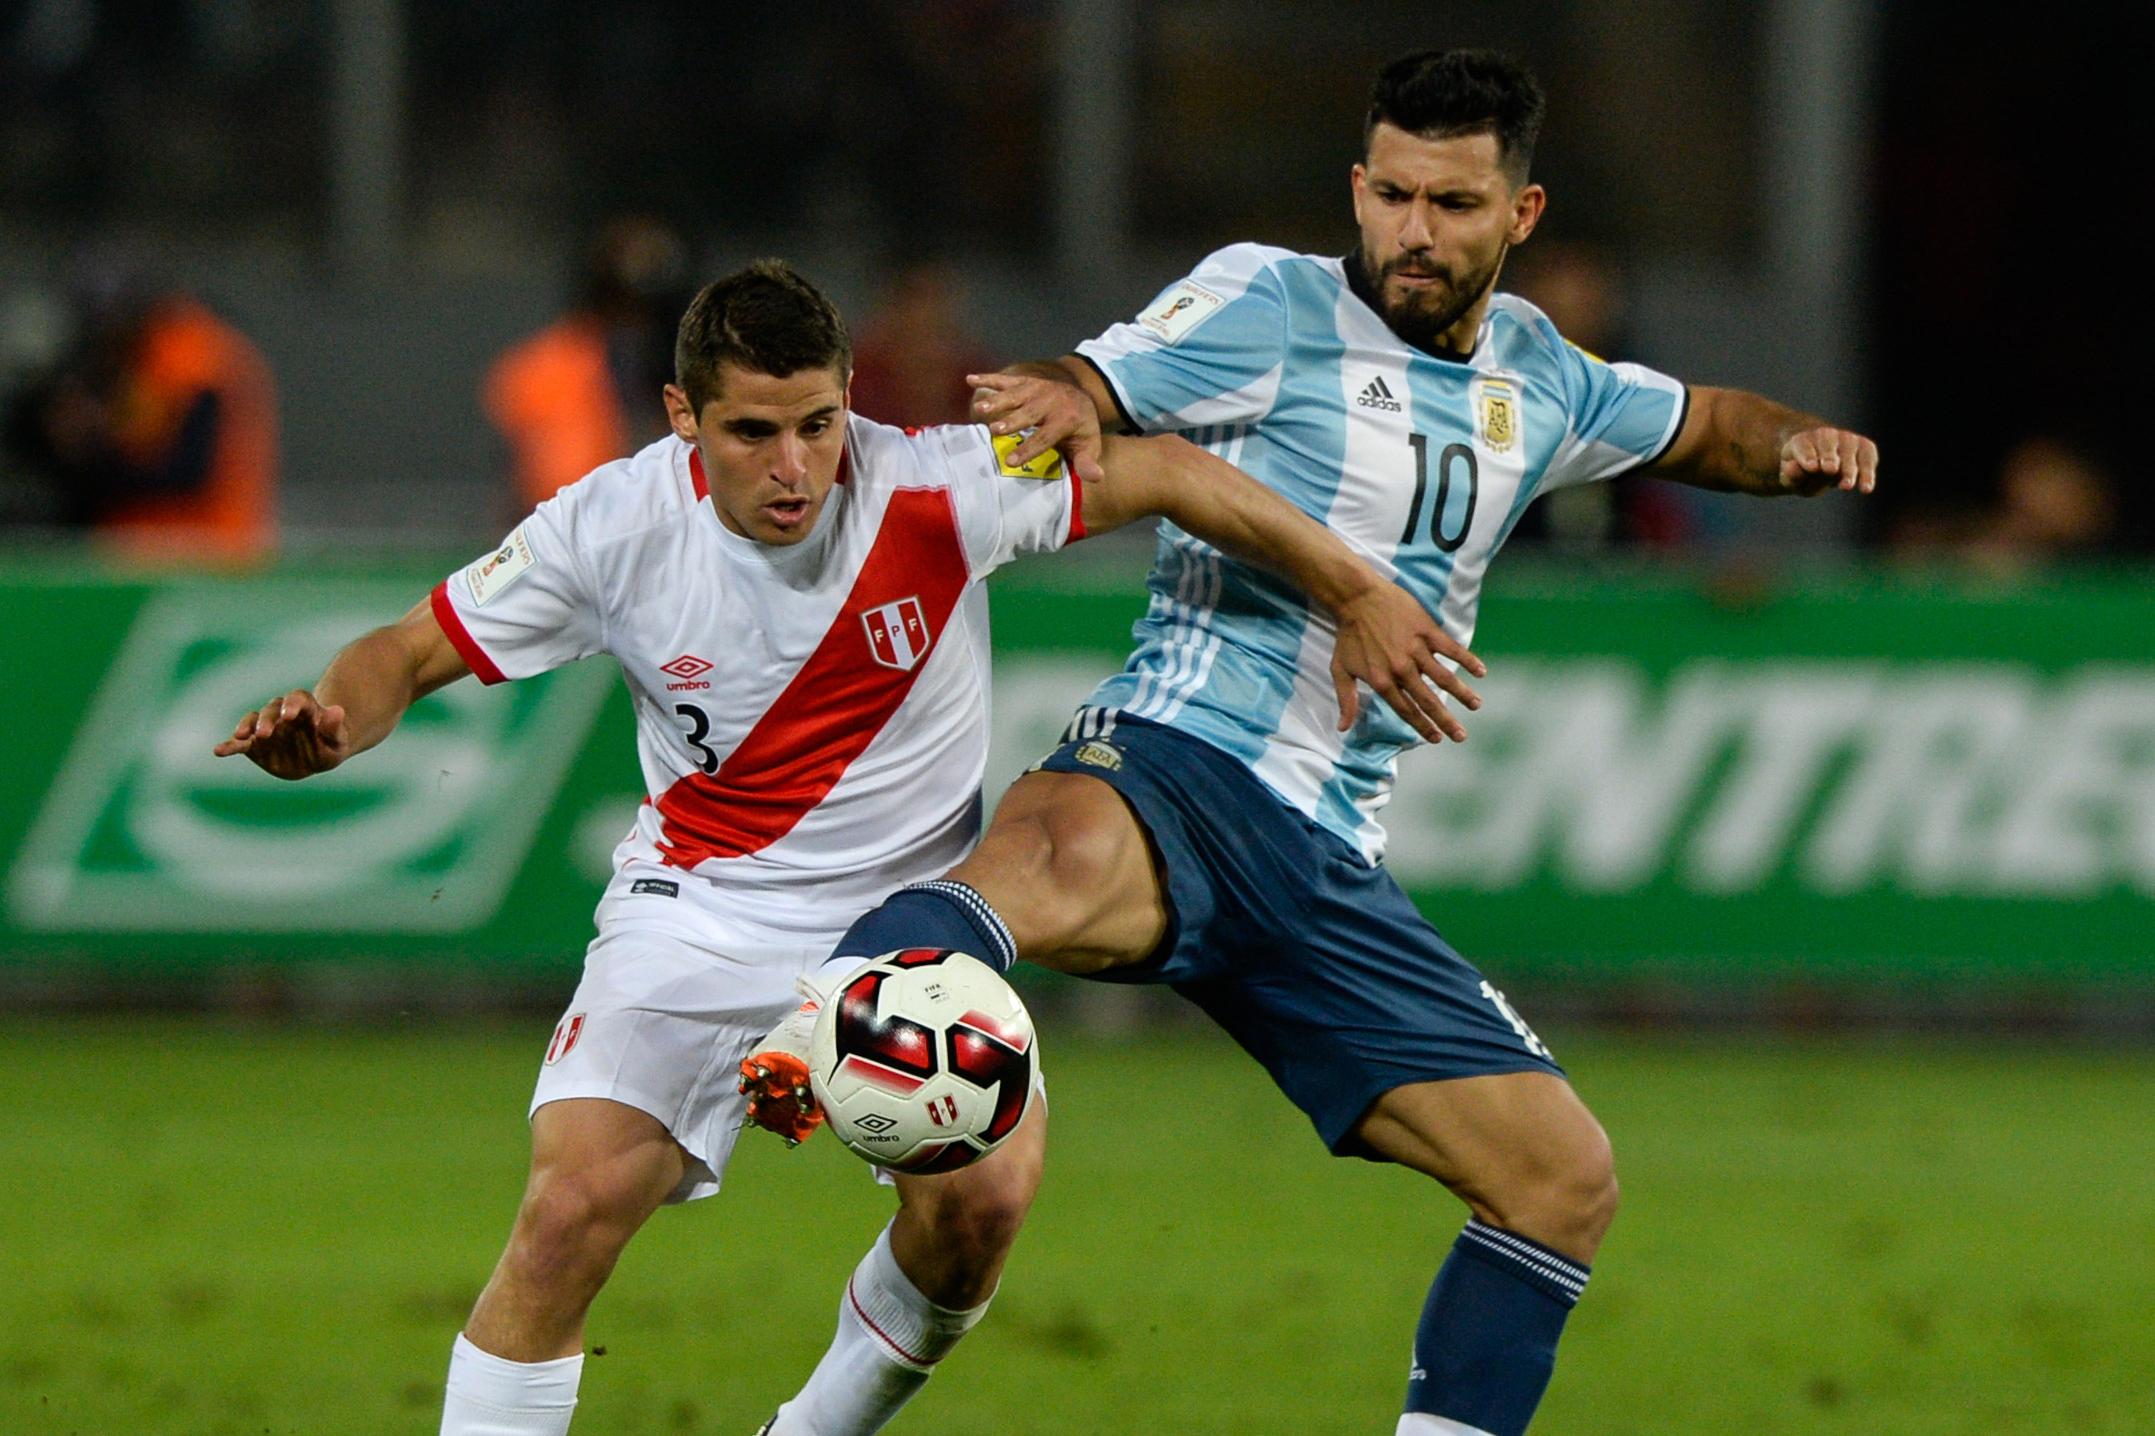 پخش زنده بازی آرژانتین پرو 23 مهر 1400